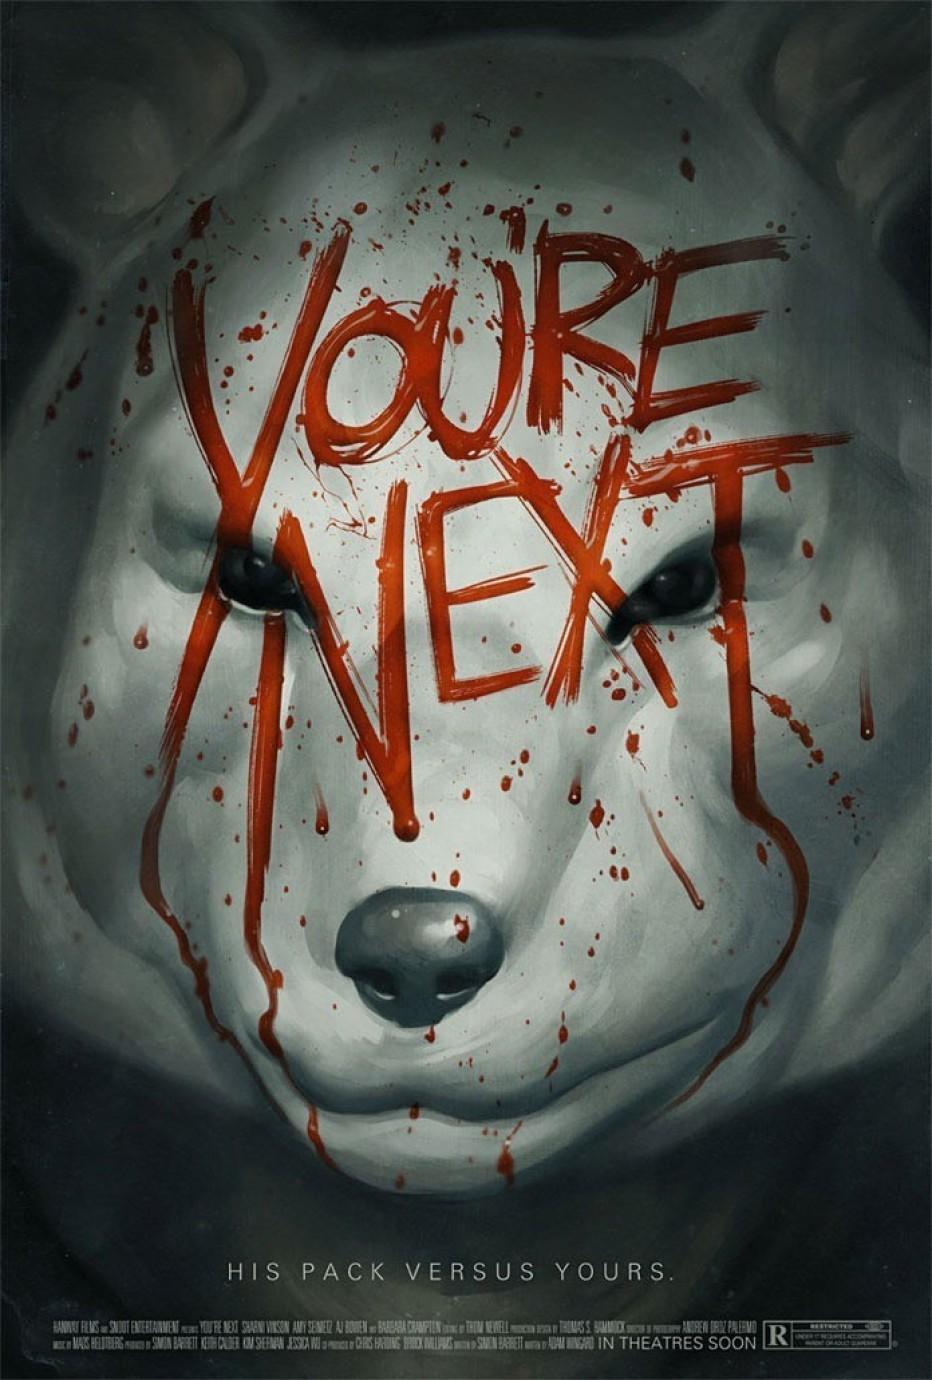 youre-next-2011-adam-wingard-10-poster.jpg